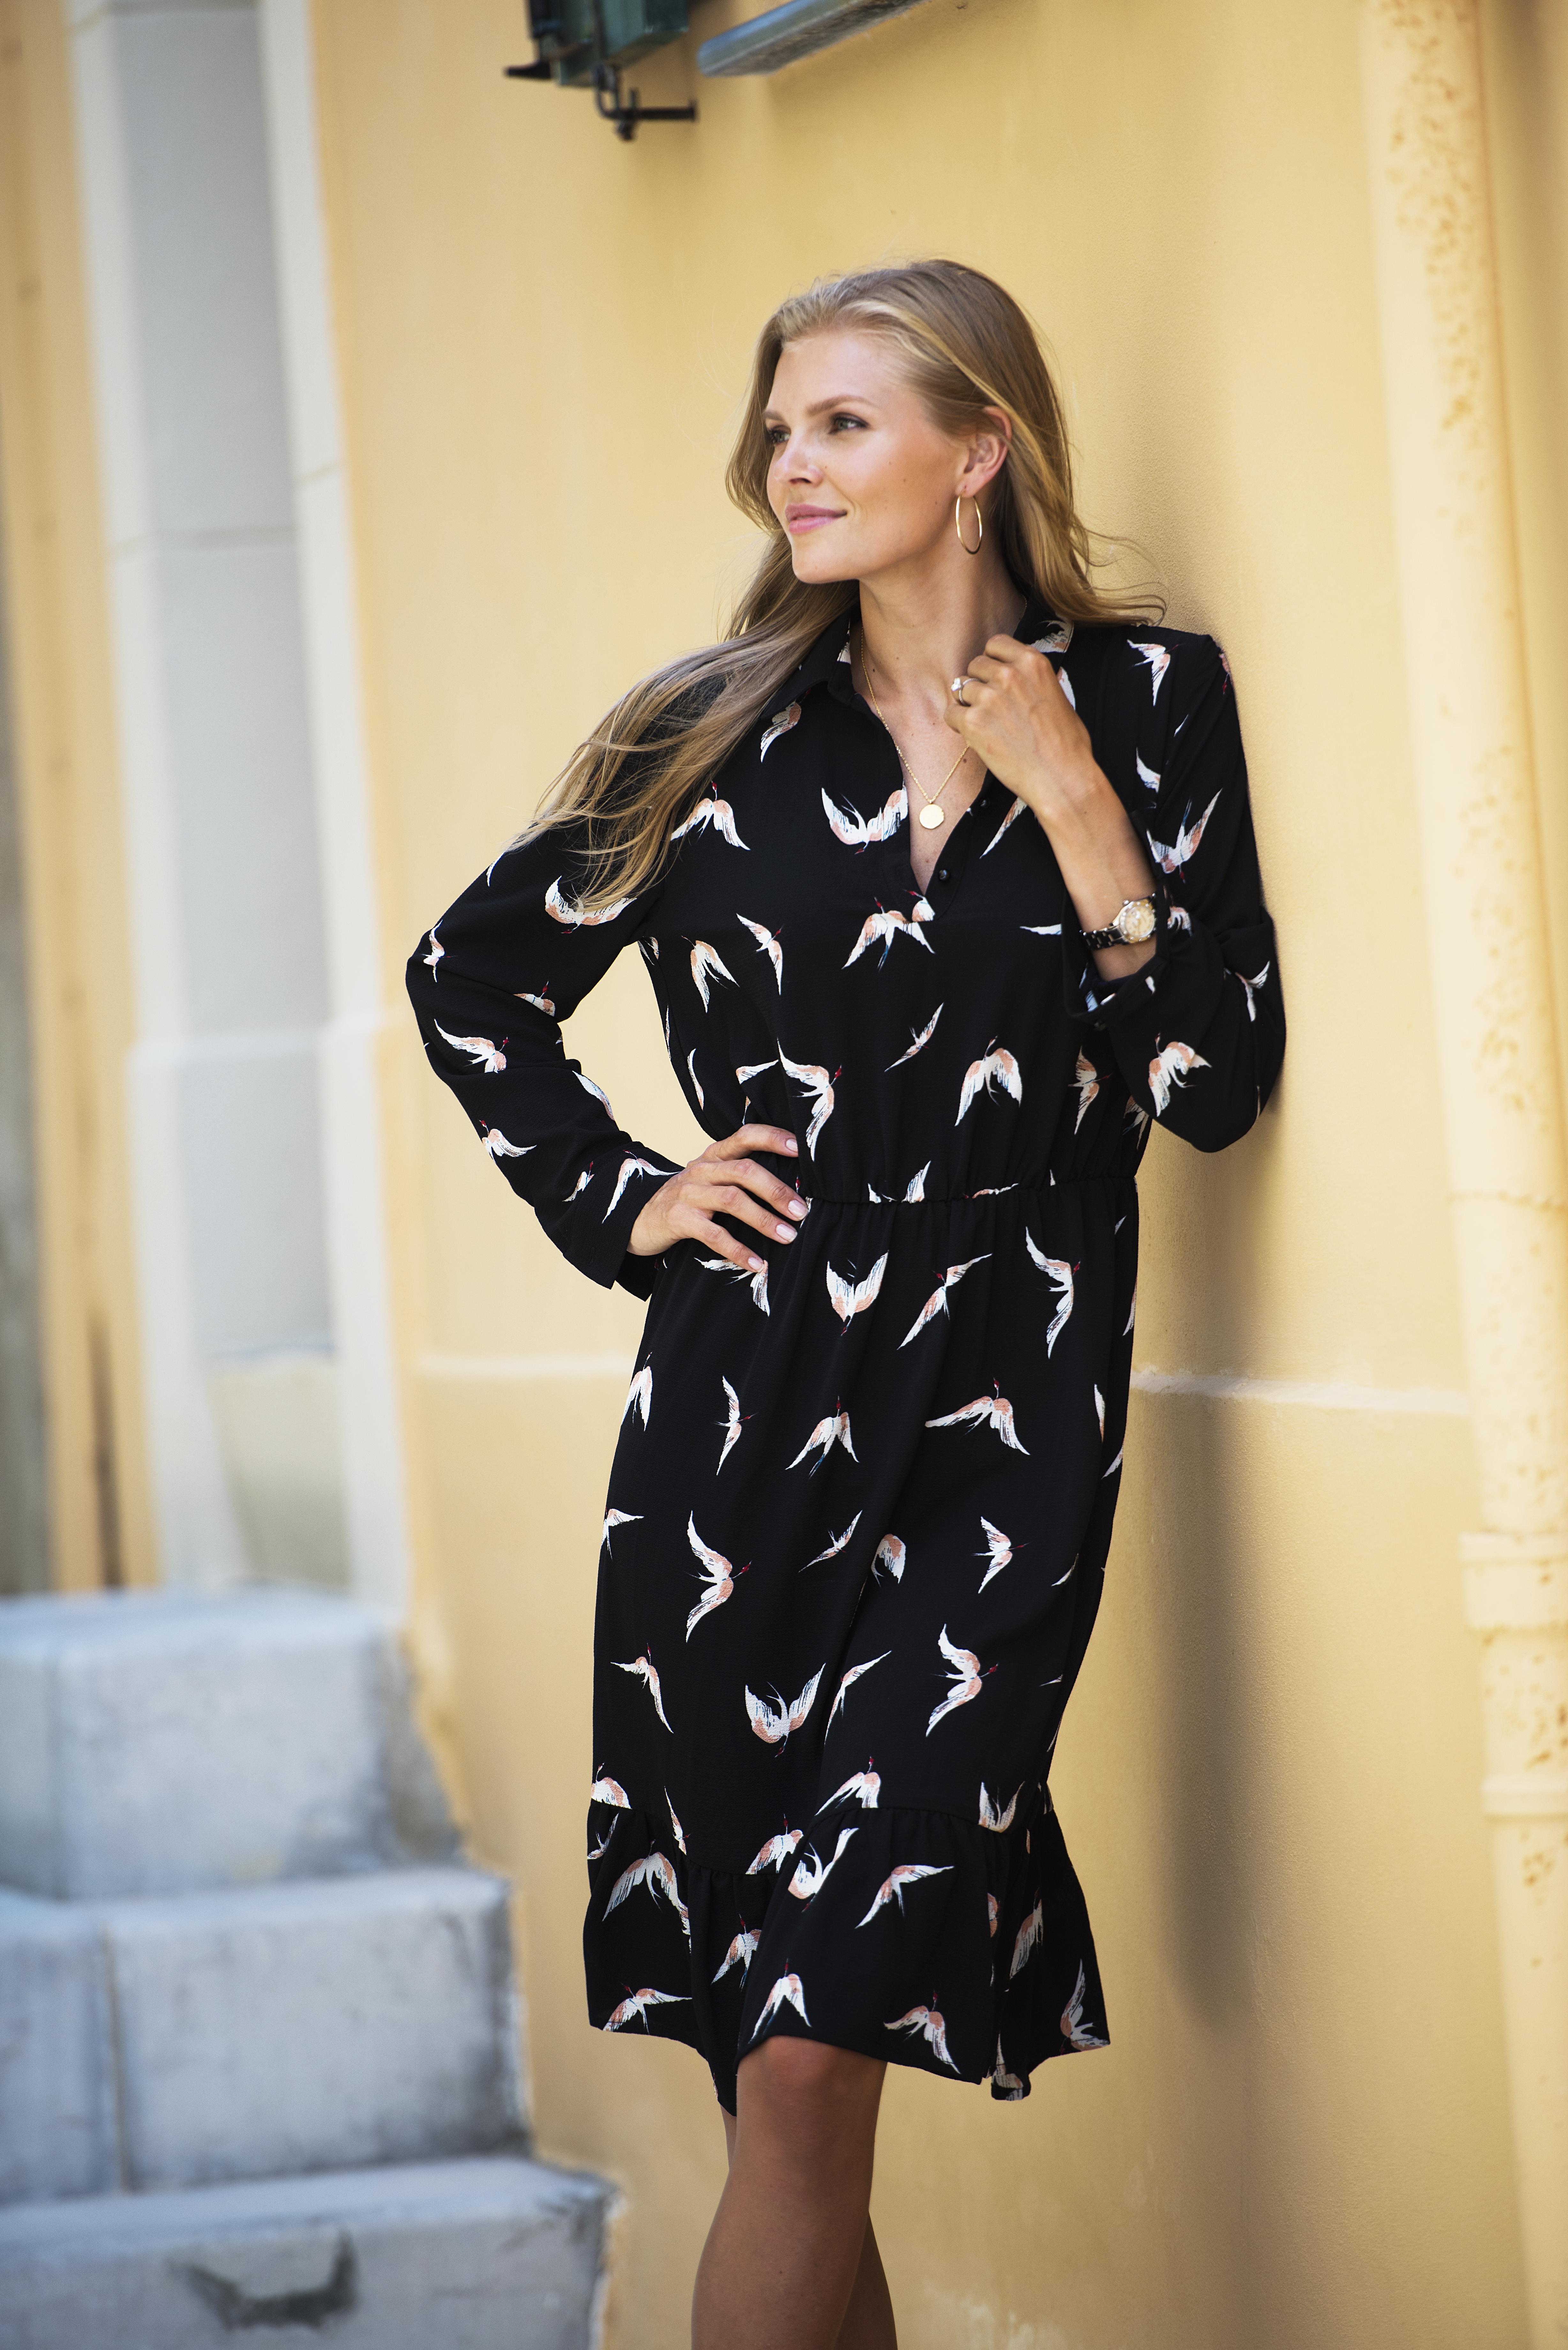 435f0c3d1f06 Fugleprint kjole Ane Mone - Bryggerhuset på Jahren